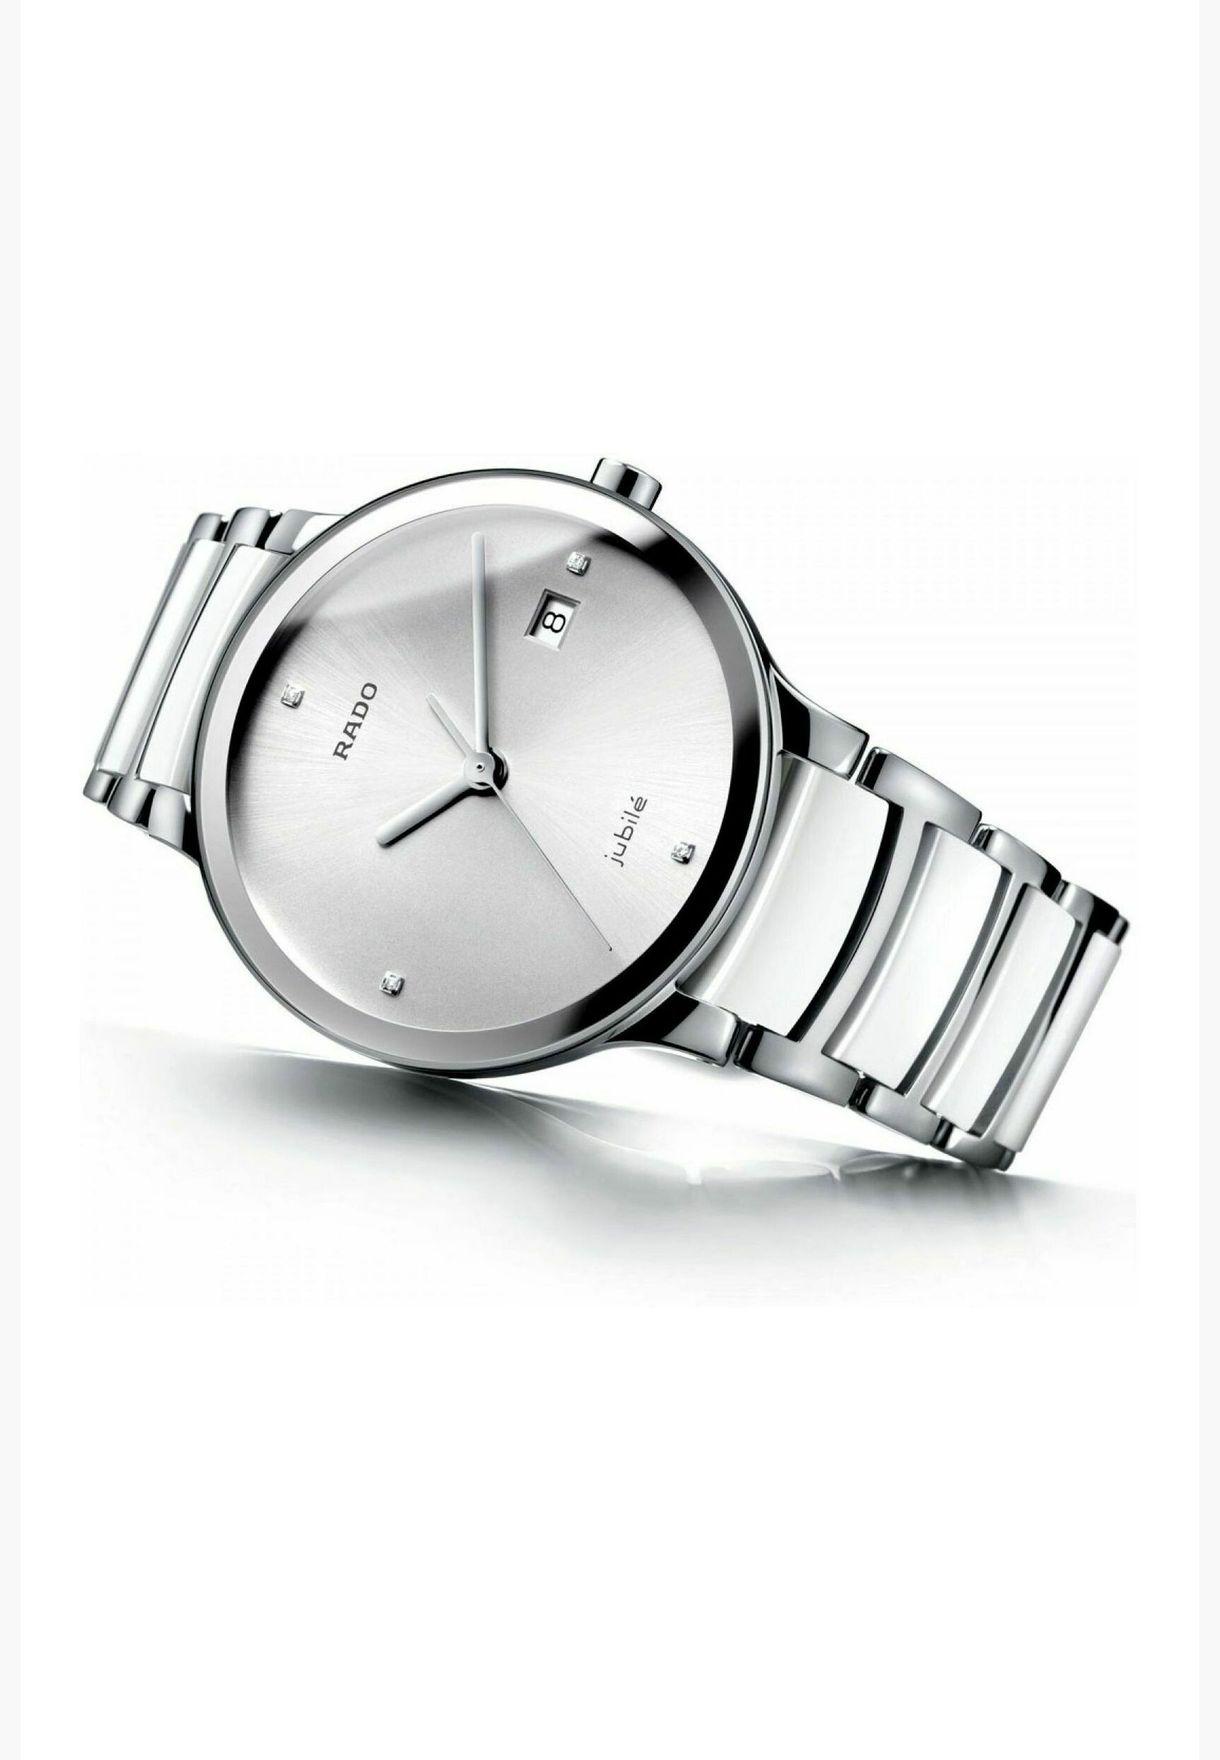 ساعة رادو سينتريكس لكلا الجنسين - R30927722